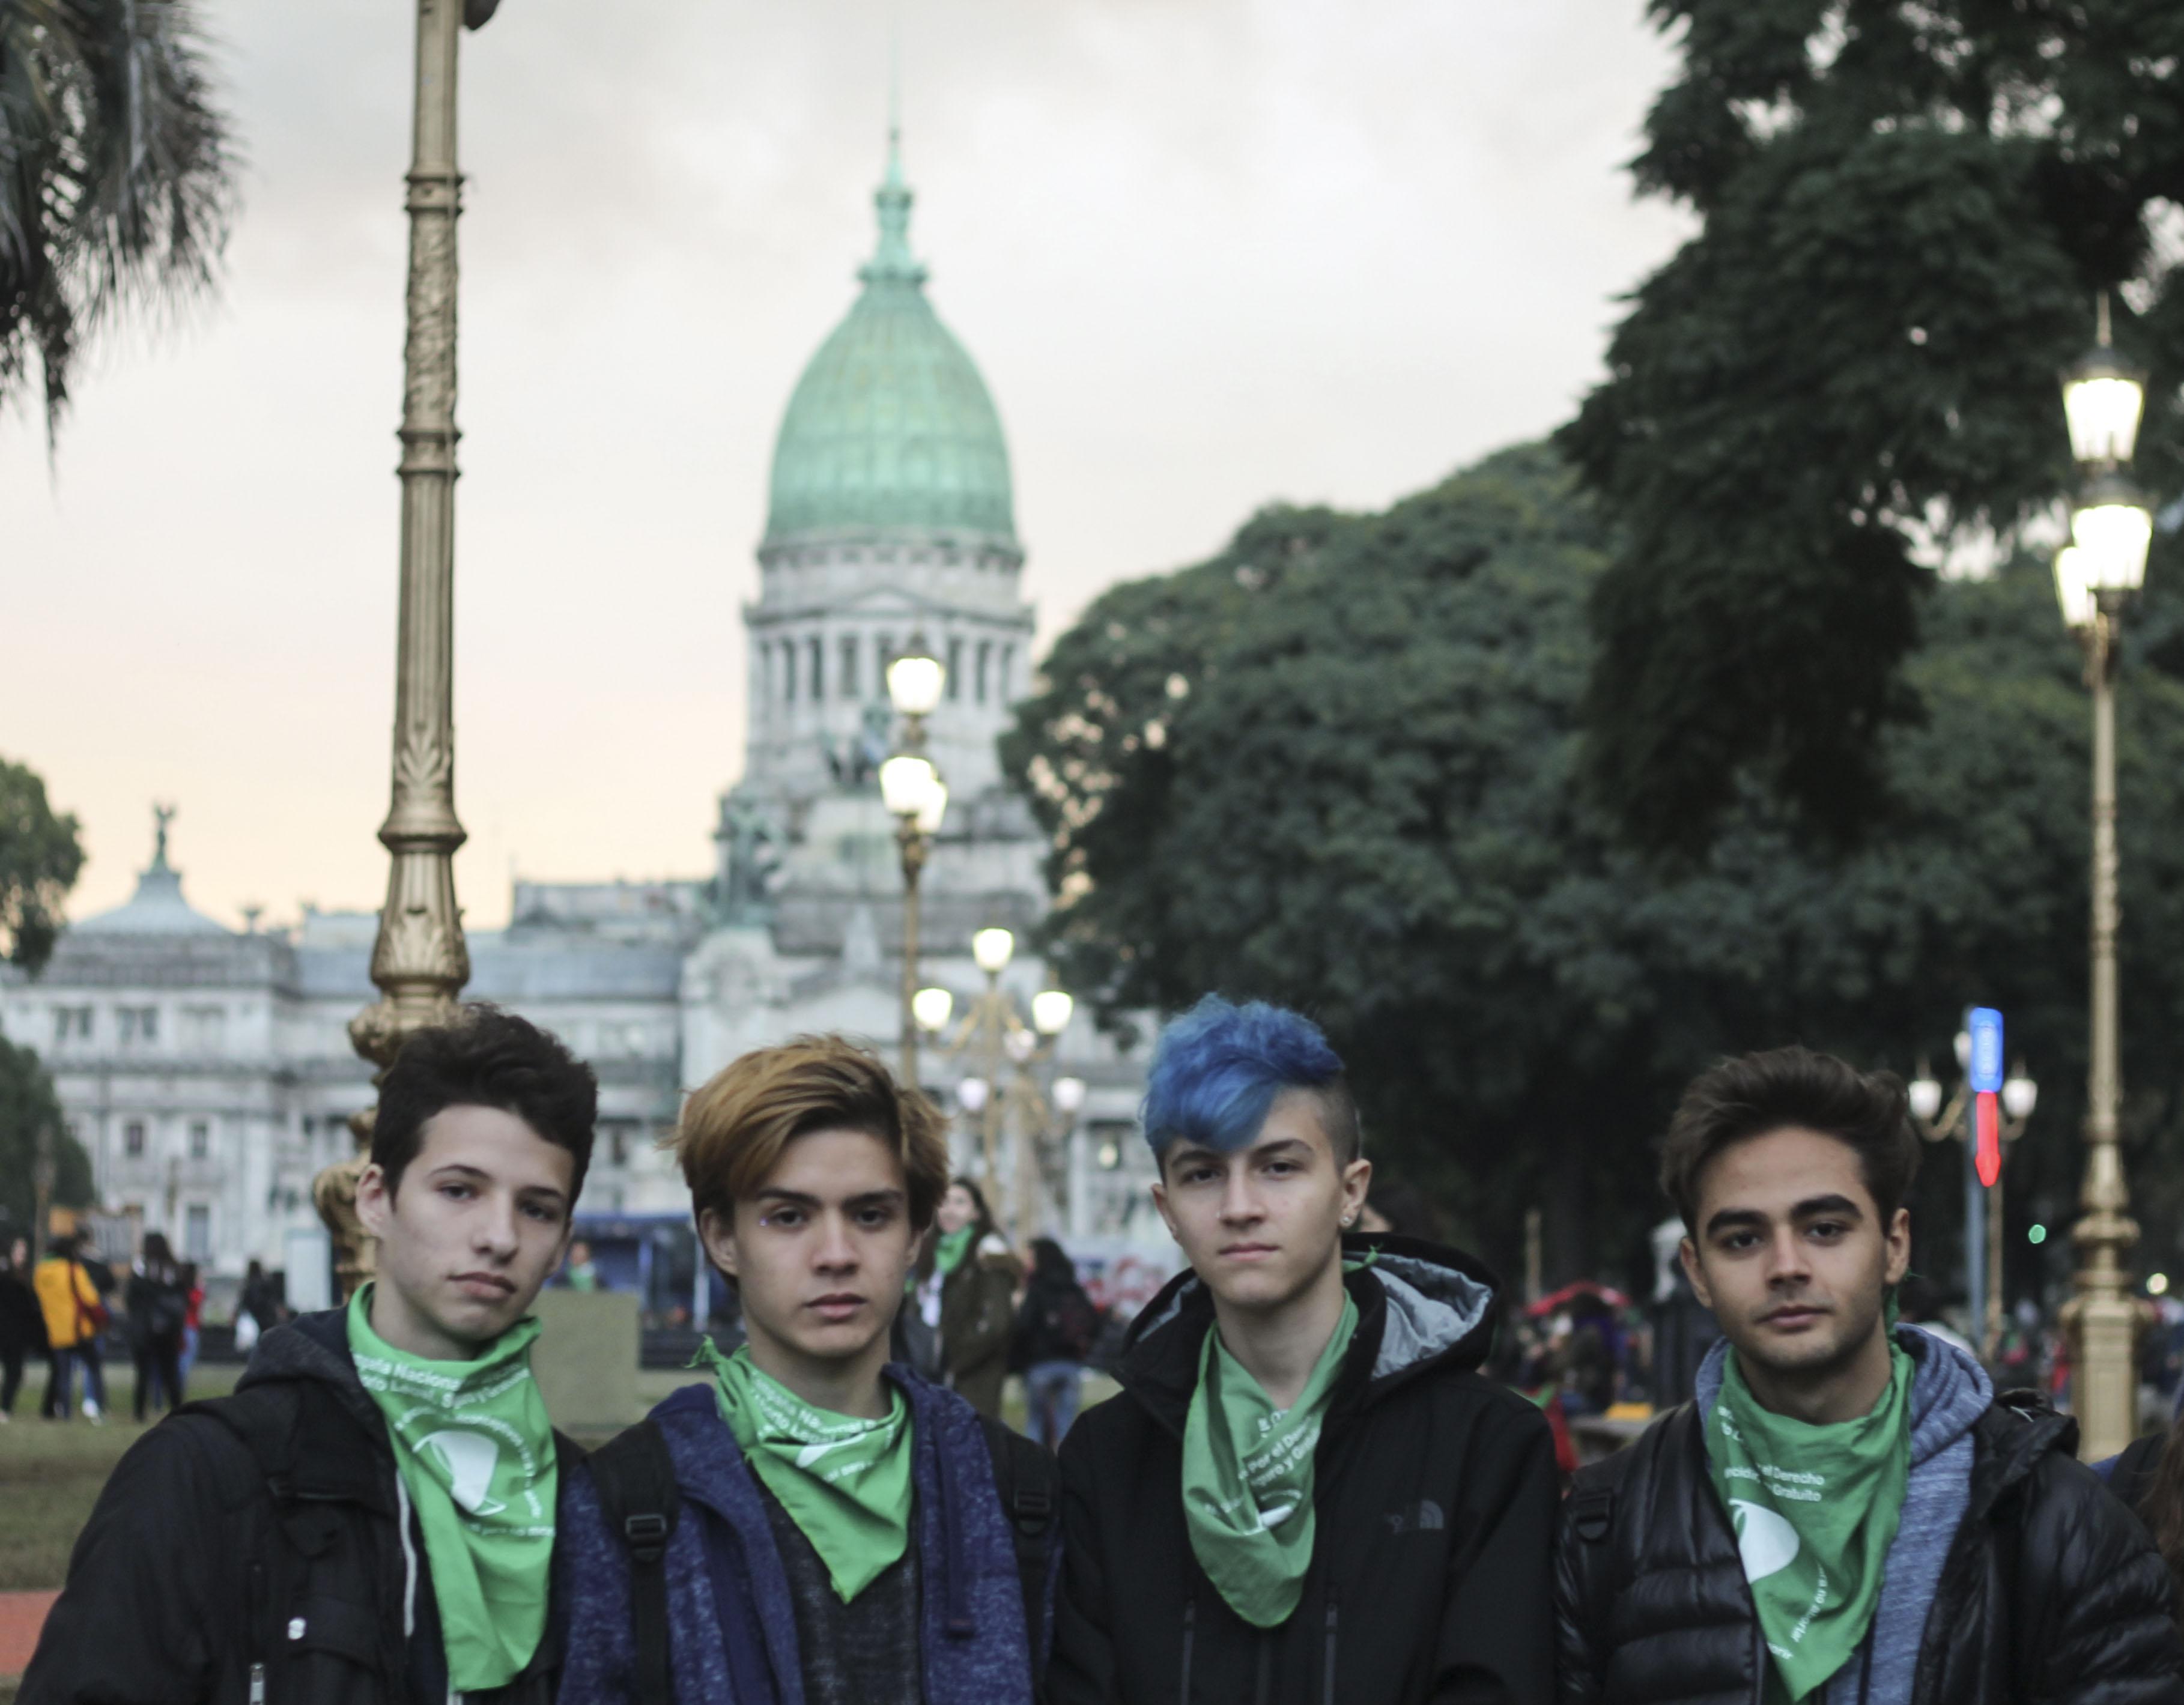 Los chicos, también frente al Congreso por #NiUnaMenos.